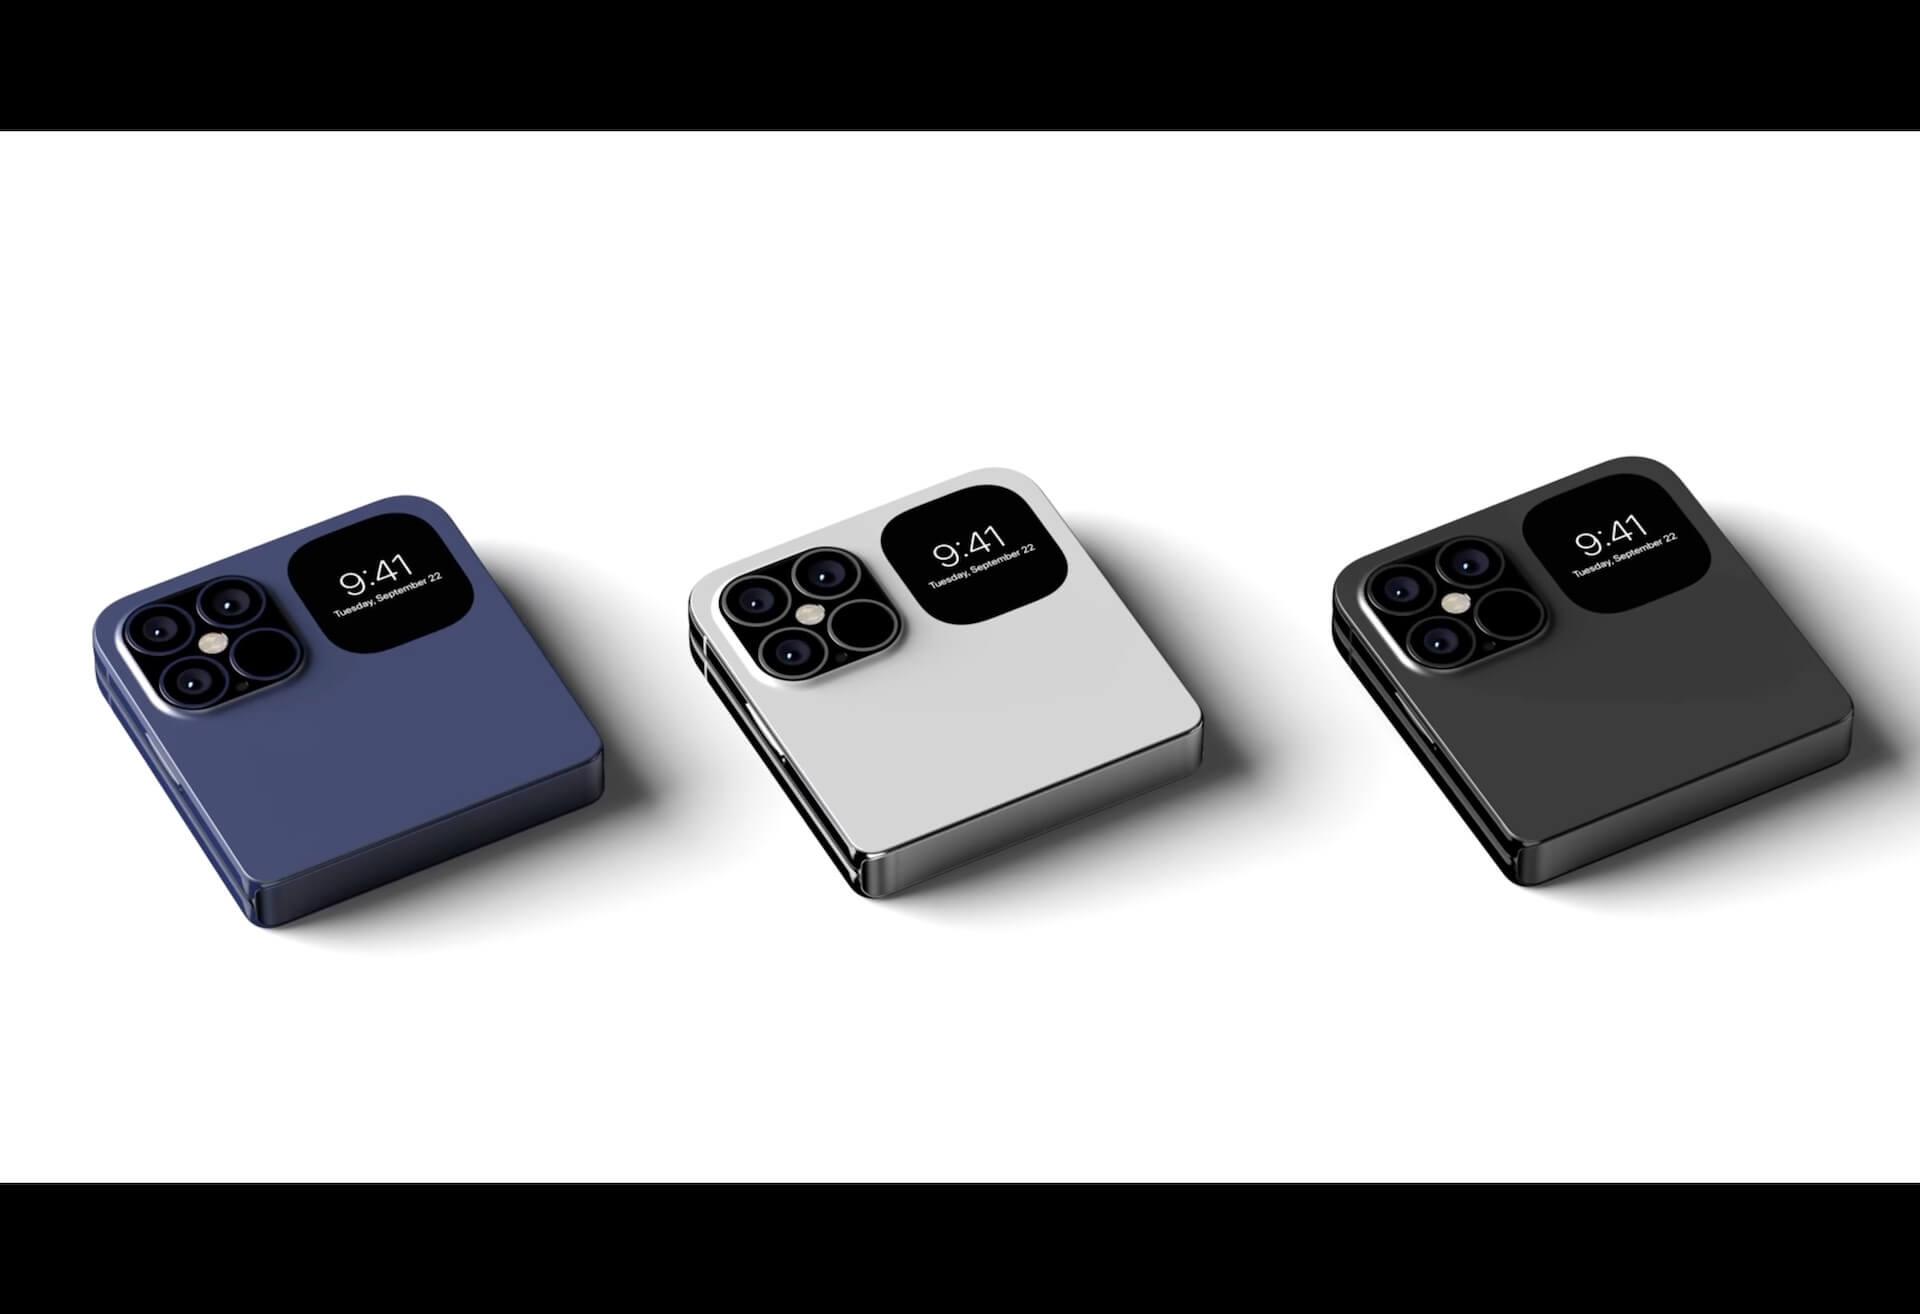 折りたたみiPhoneは2023年以降に登場か?5G対応の第3世代iPhone SEが来年発表の可能性 tech210302_iphonefold_se_main